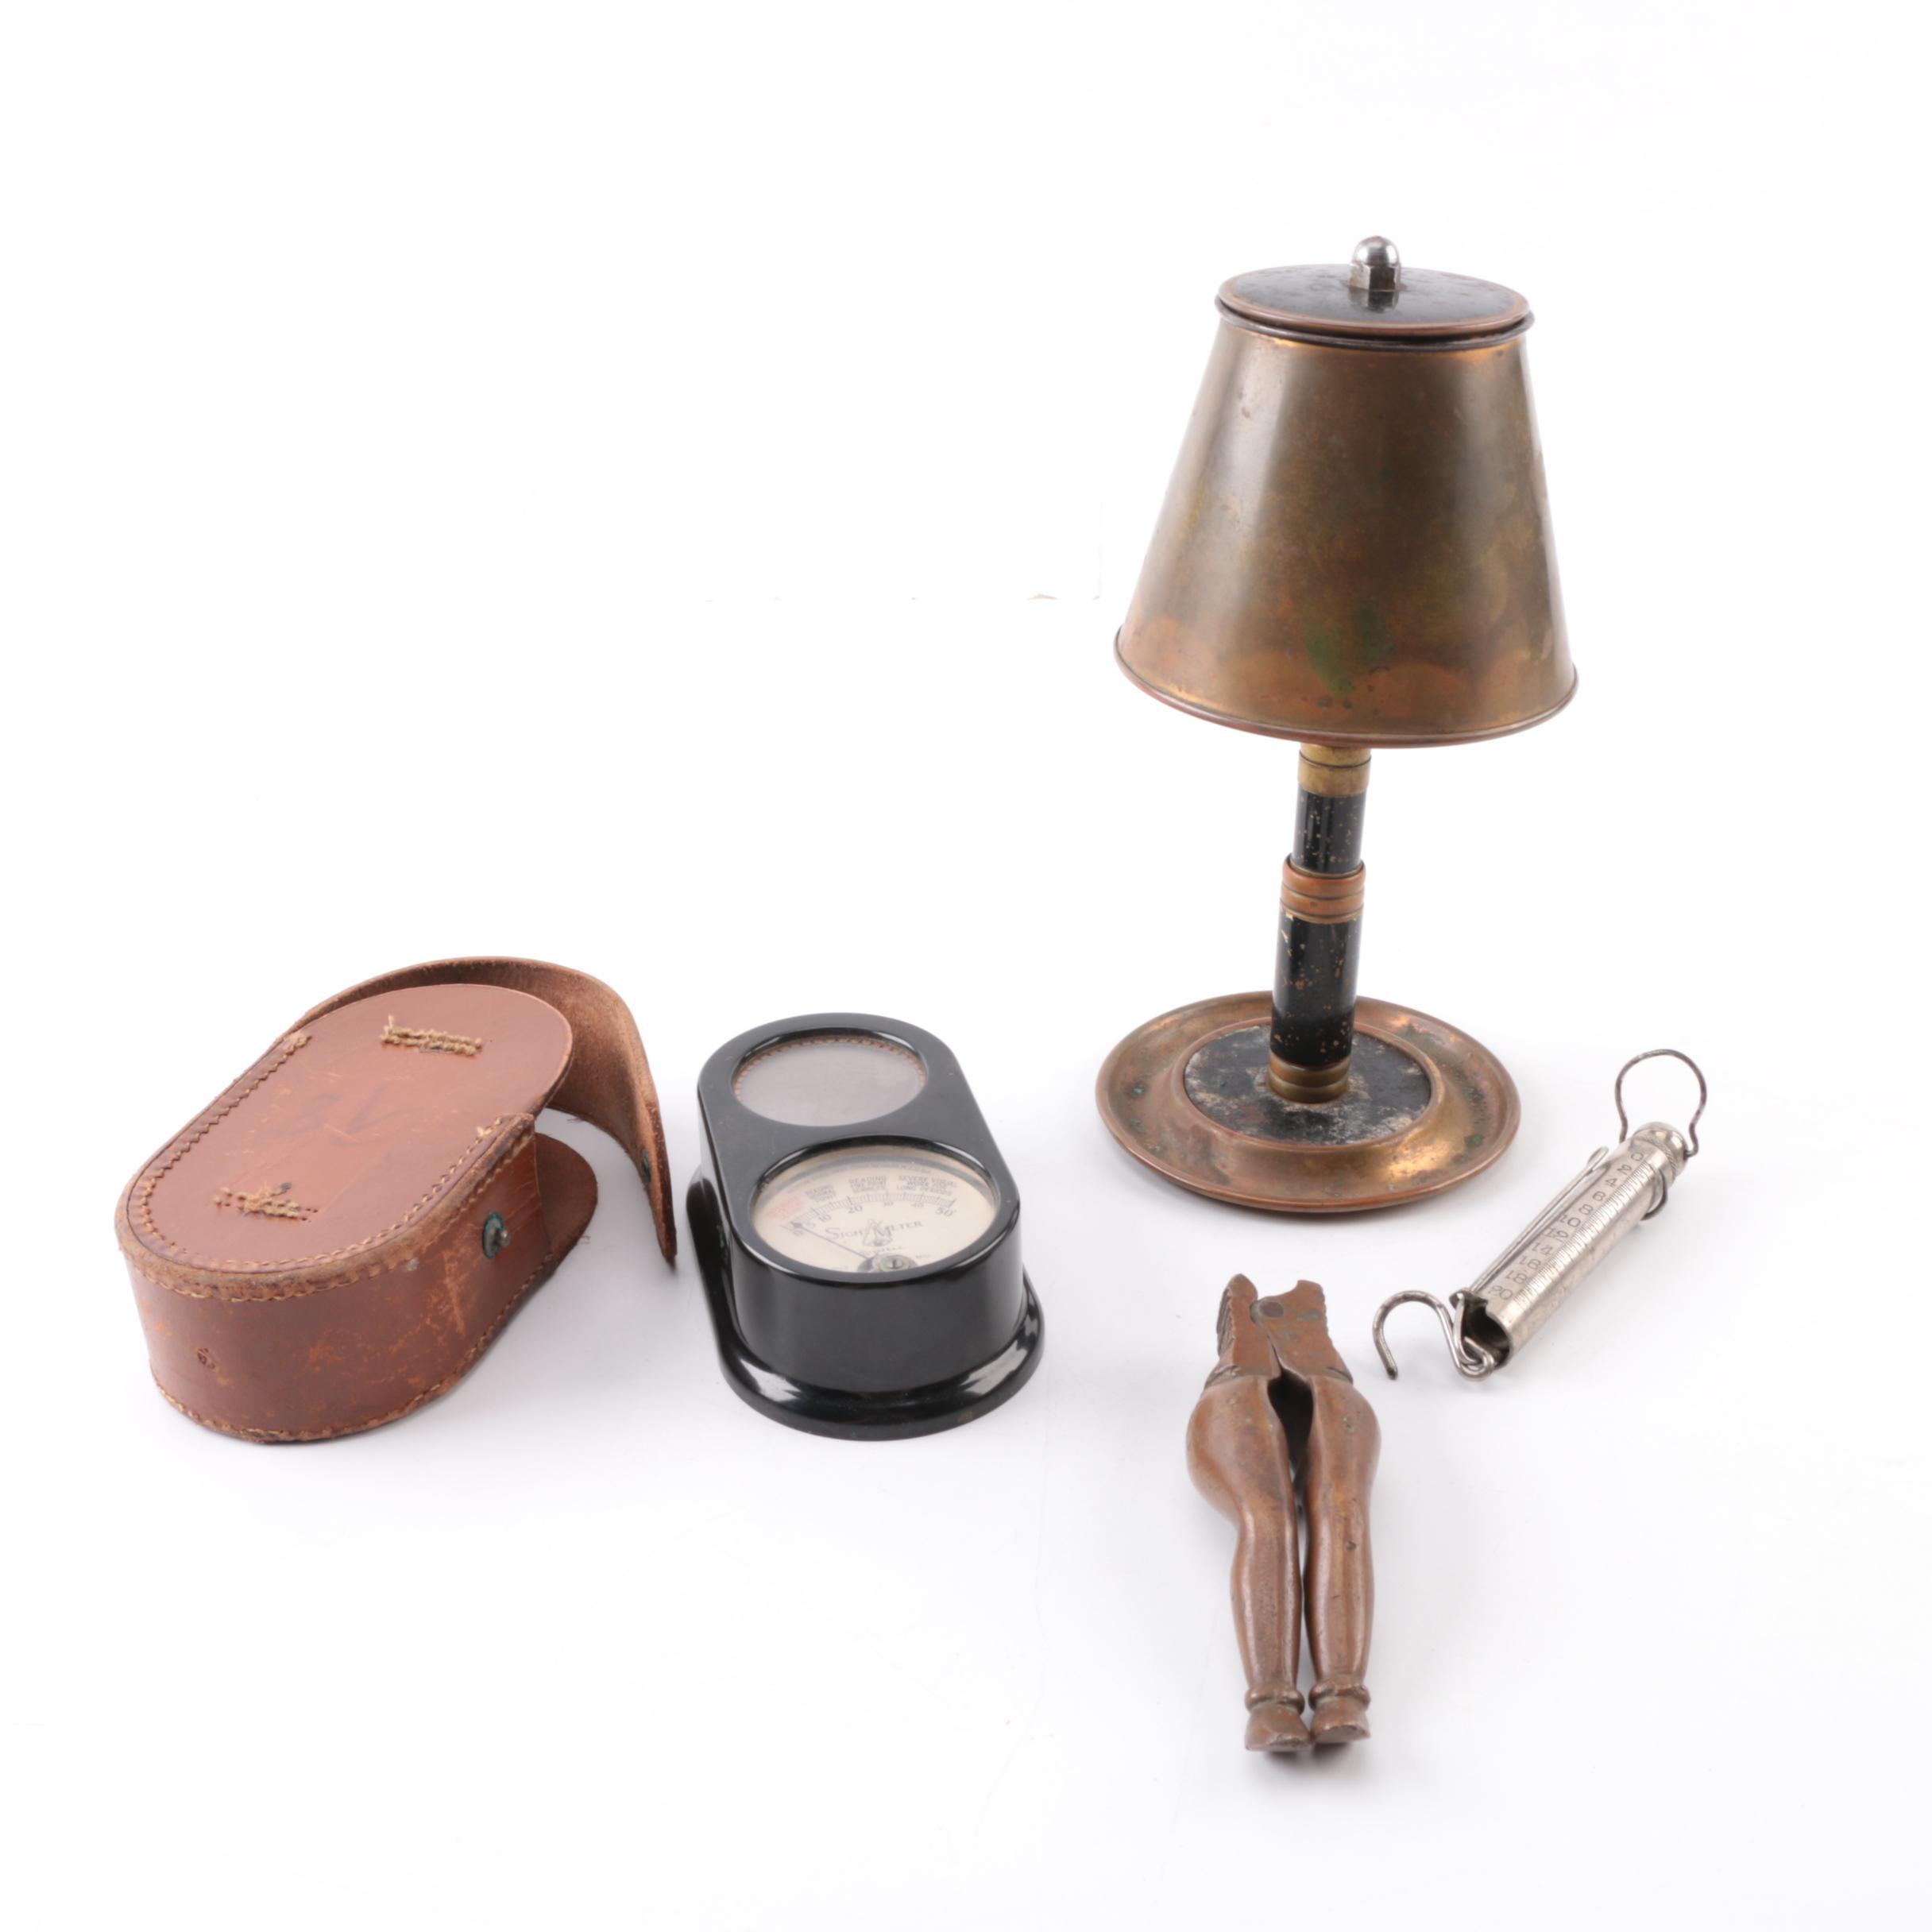 Vintage Cigarette Holder, Nutcracker, Scale And Light Meter